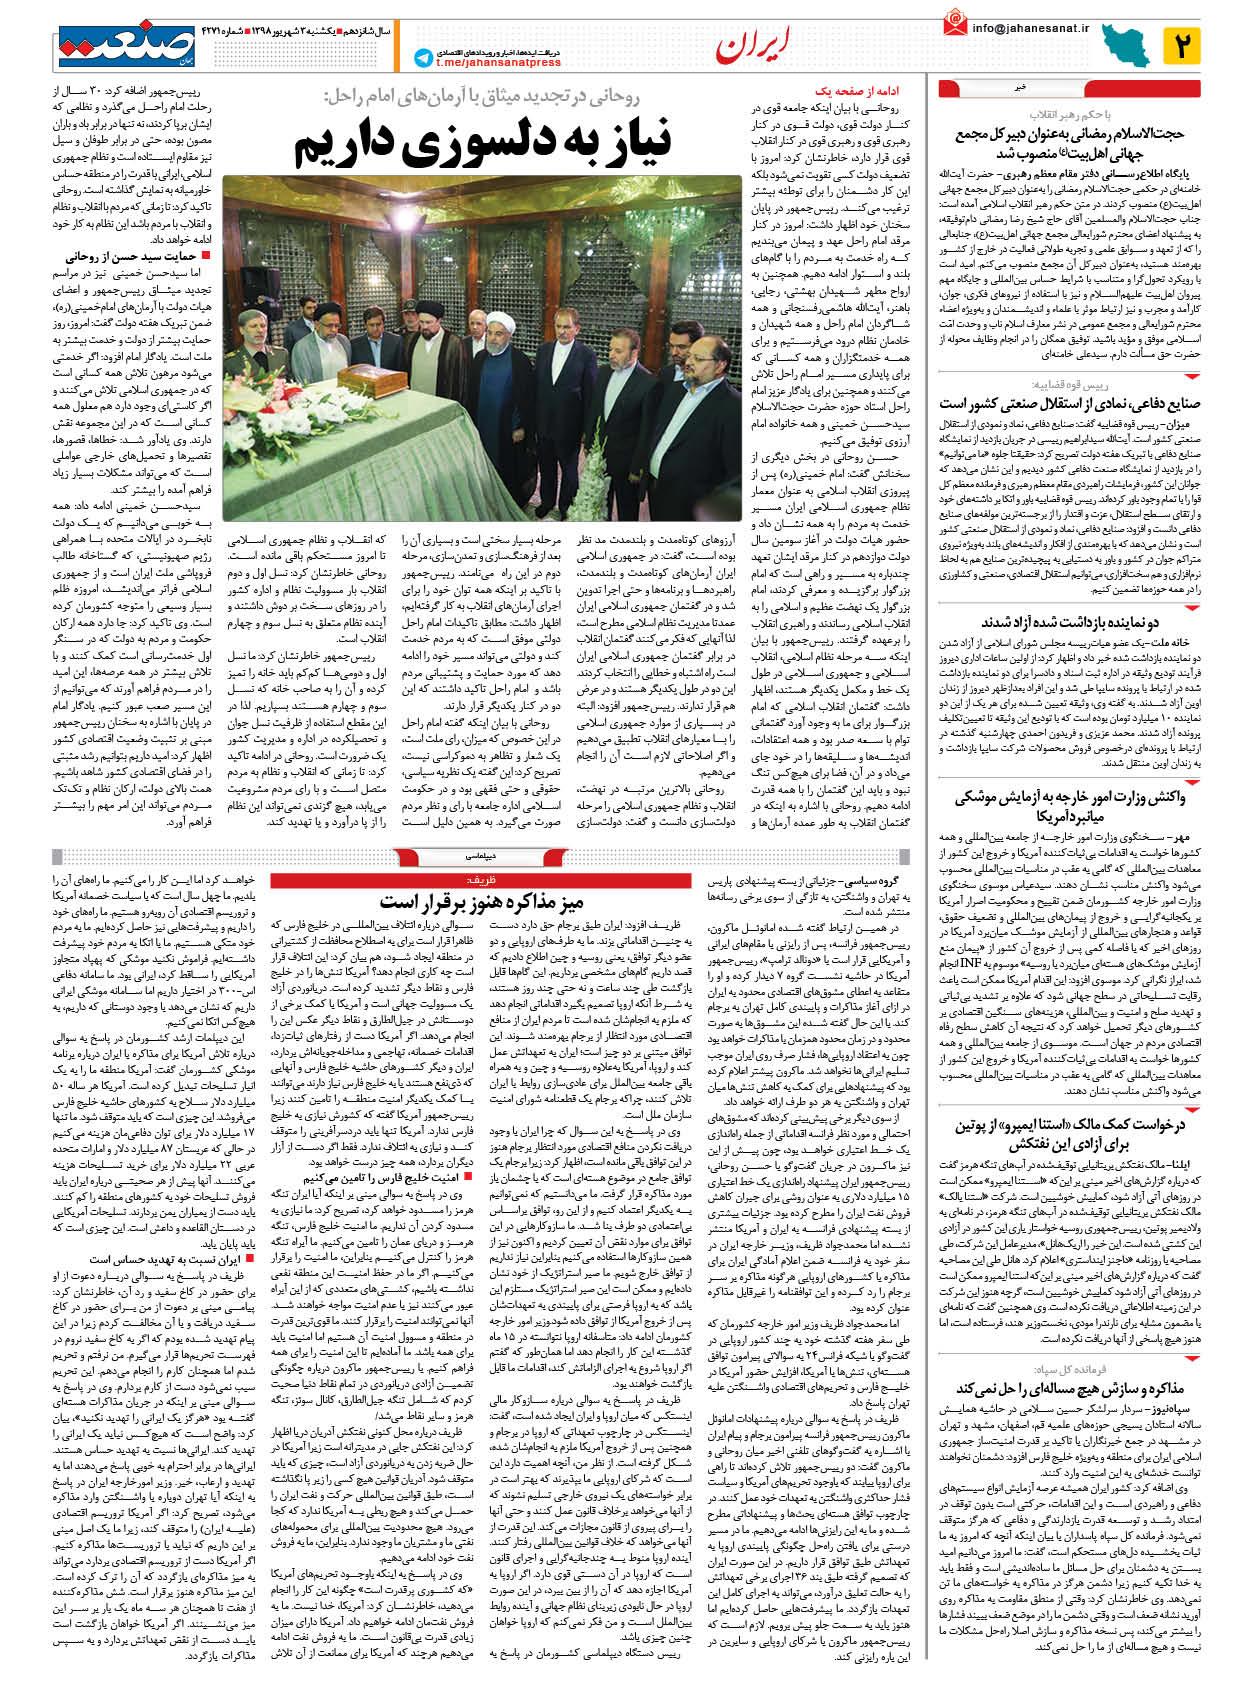 صفحه ۰۲ – ۰۳ شهریور ۱۳۹۸